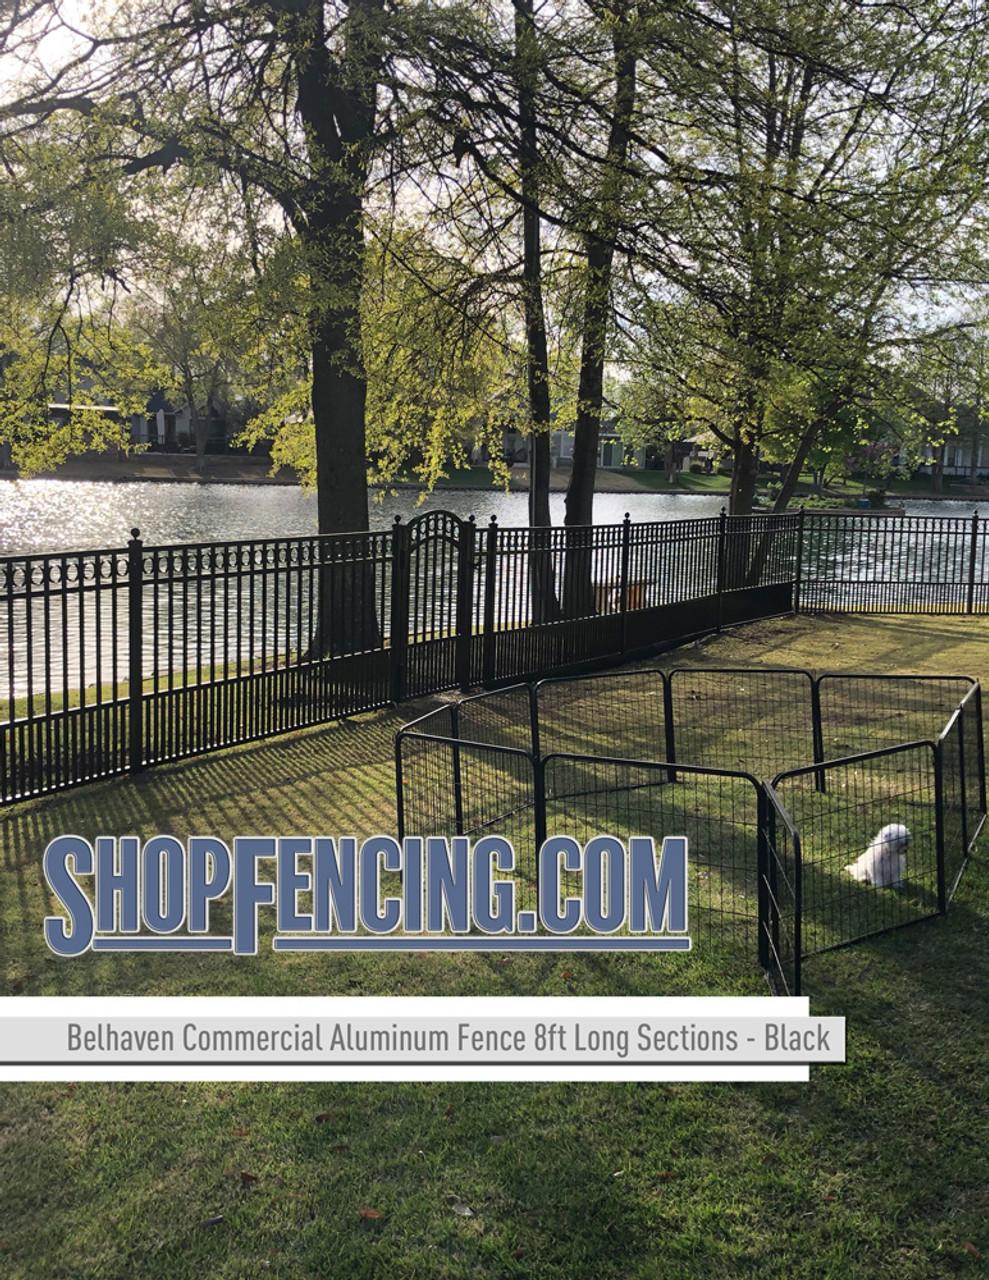 Black Commercial Belhaven Aluminum Fencing From ShopFencing.com